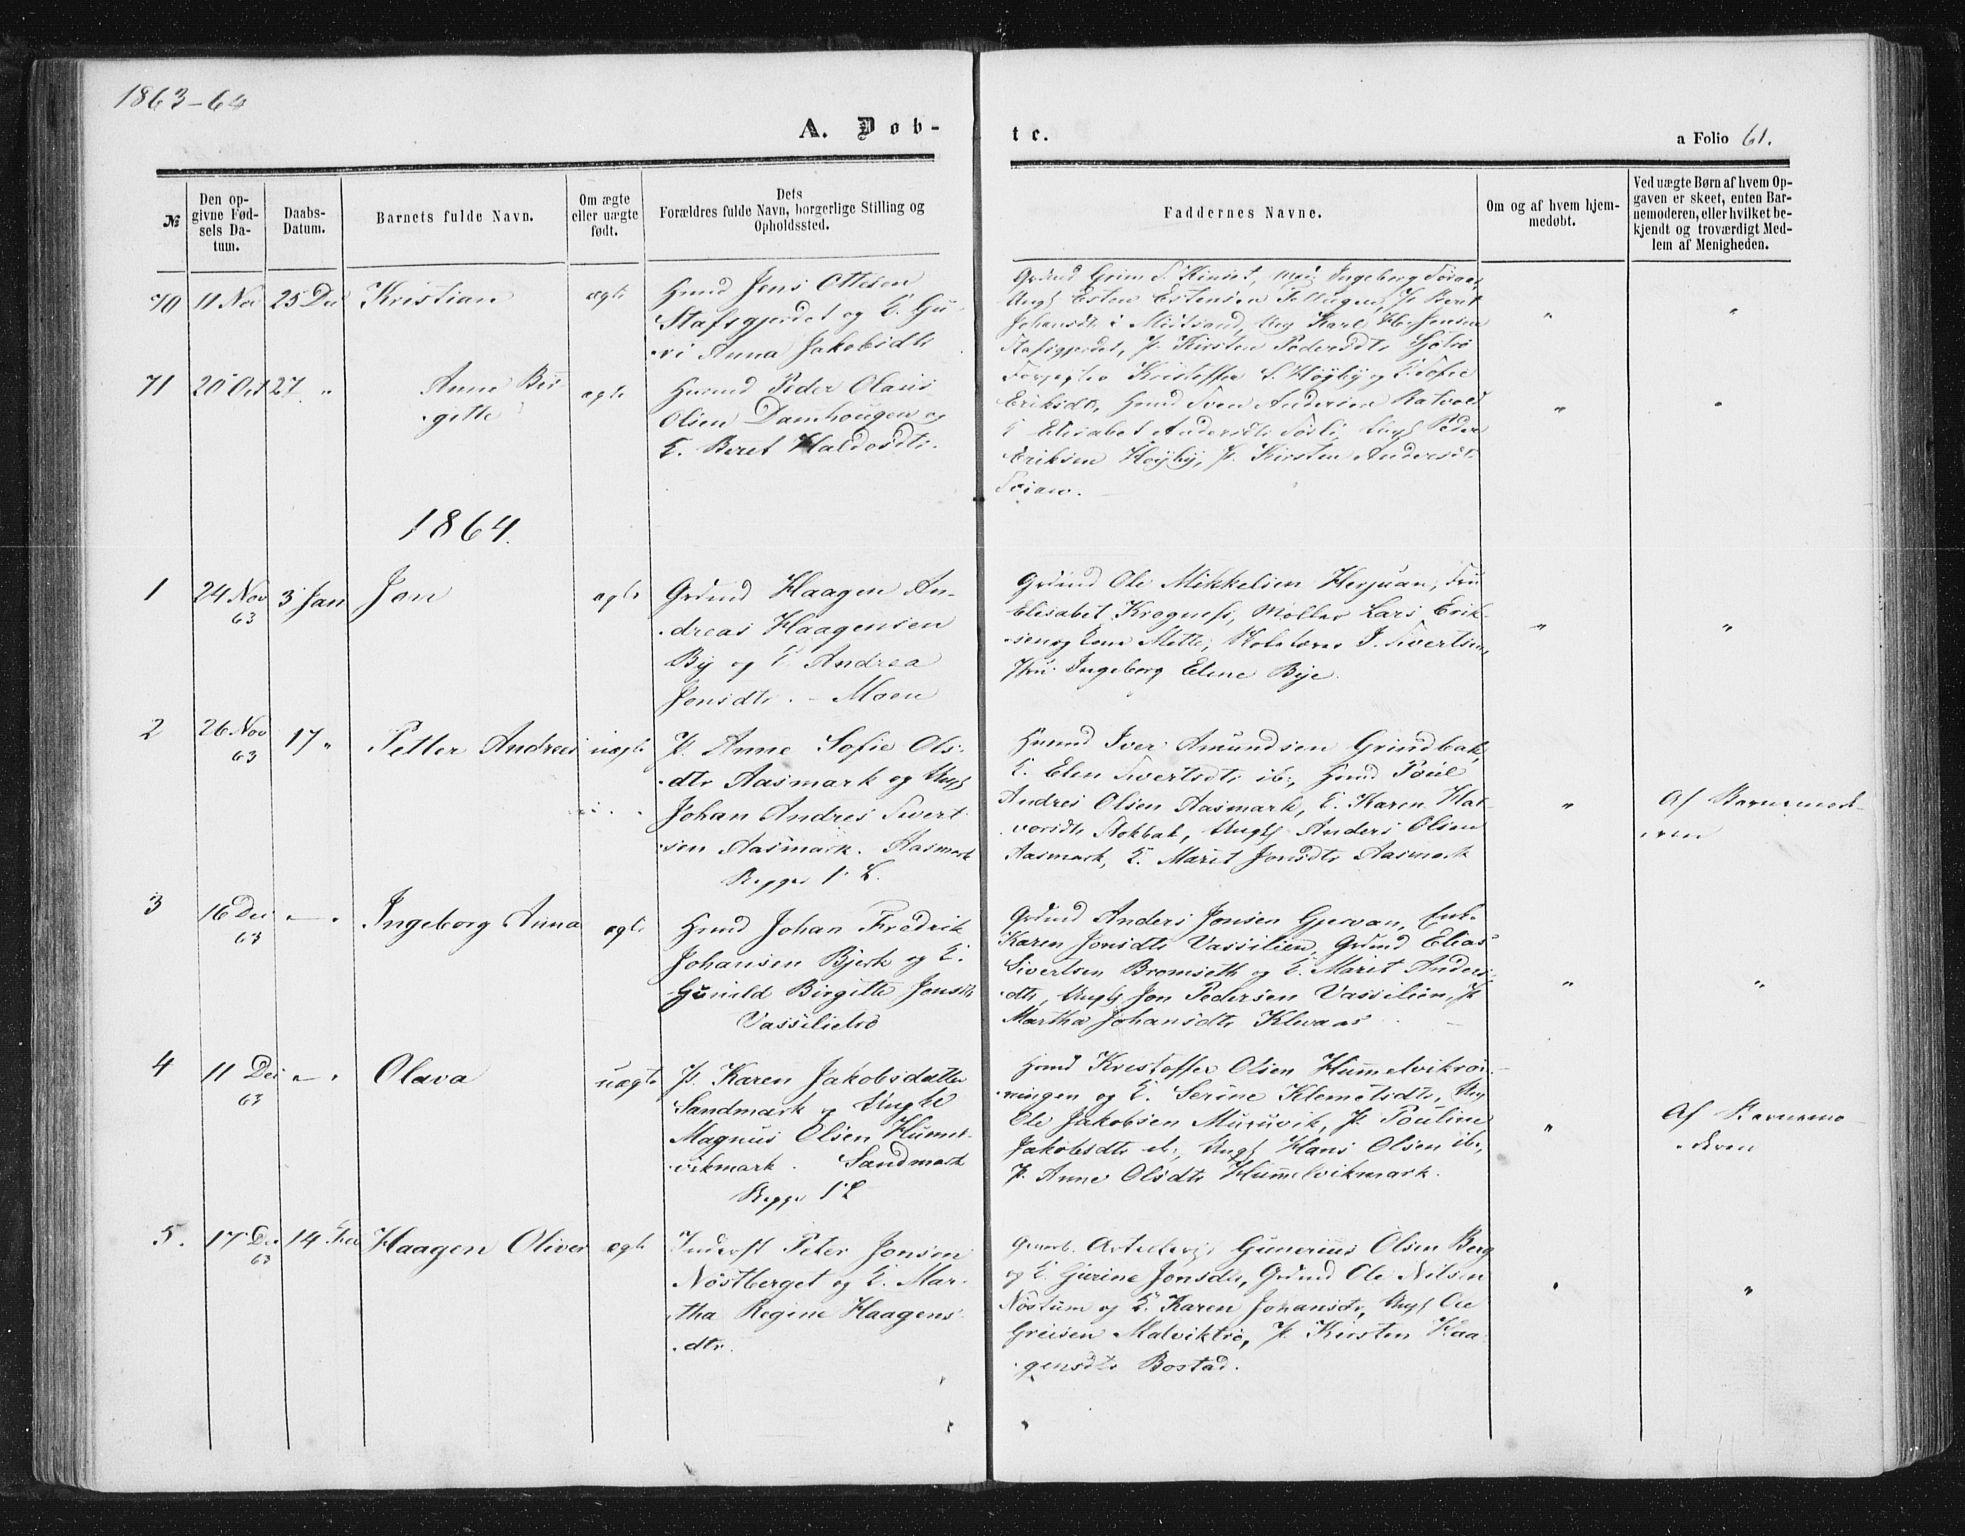 SAT, Ministerialprotokoller, klokkerbøker og fødselsregistre - Sør-Trøndelag, 616/L0408: Ministerialbok nr. 616A05, 1857-1865, s. 61